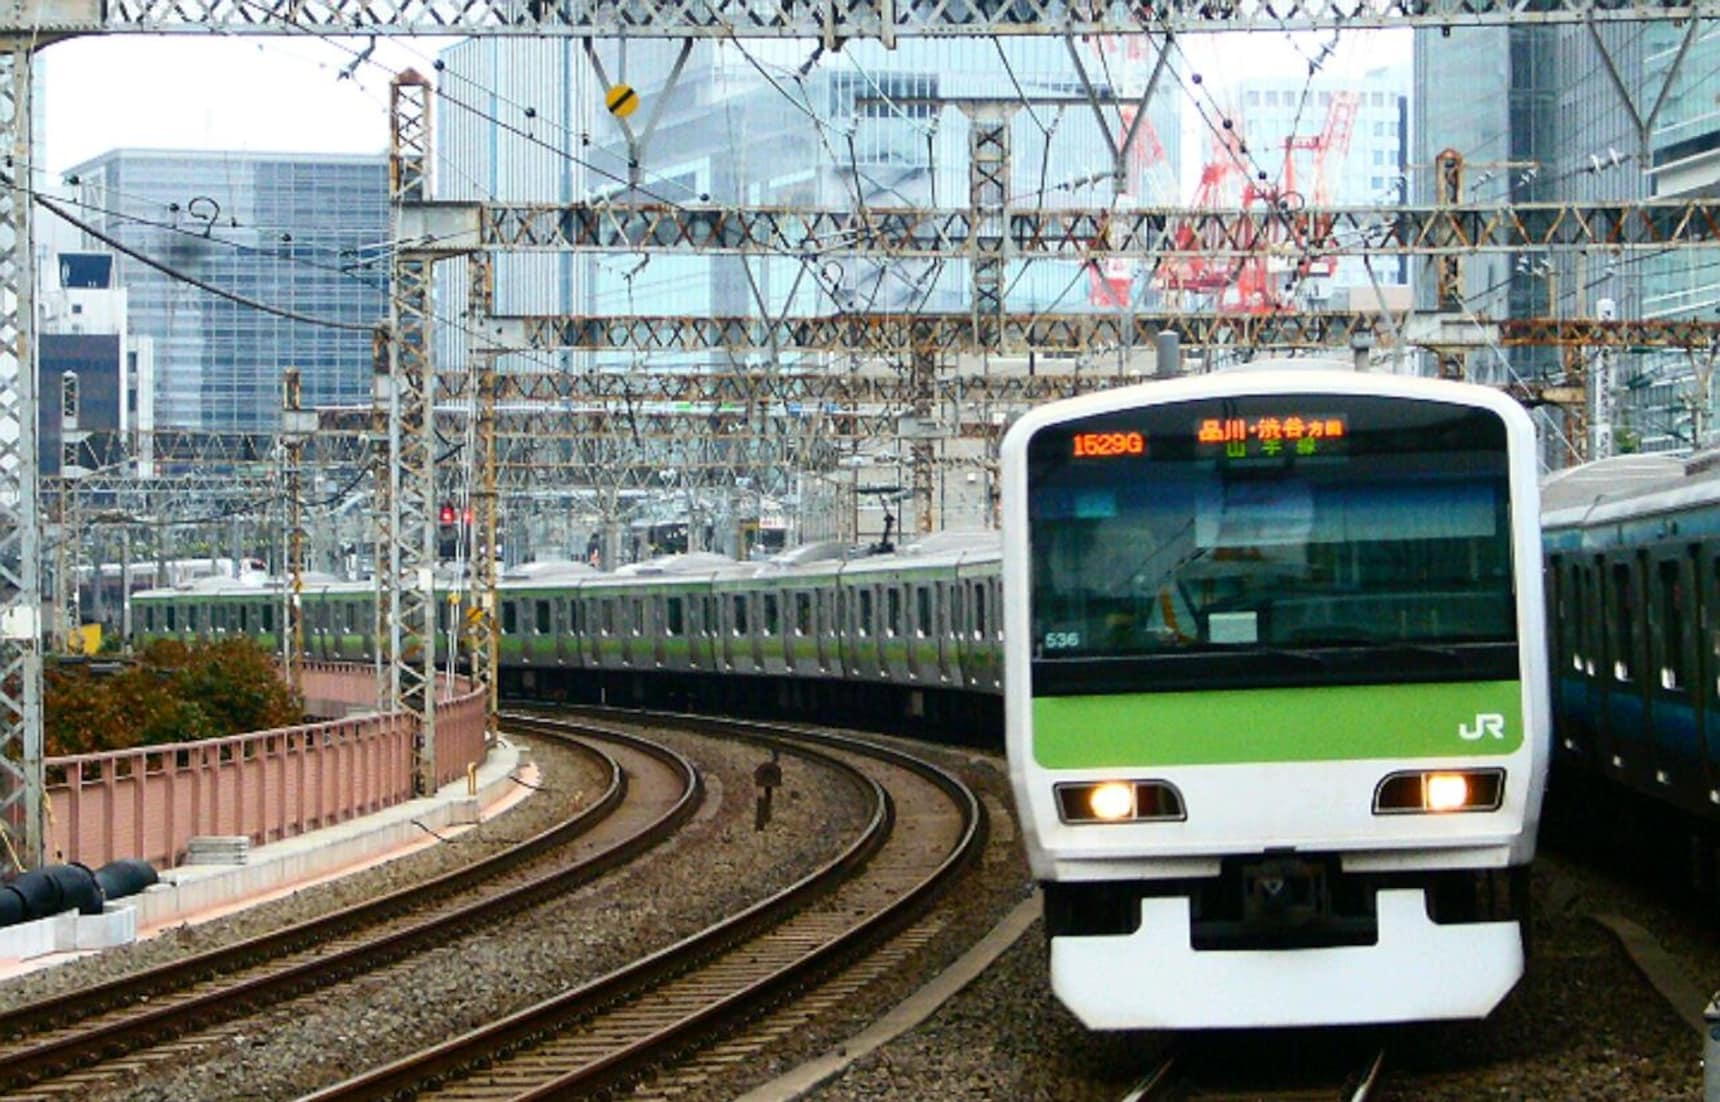 山手線 東京的圖片搜尋結果